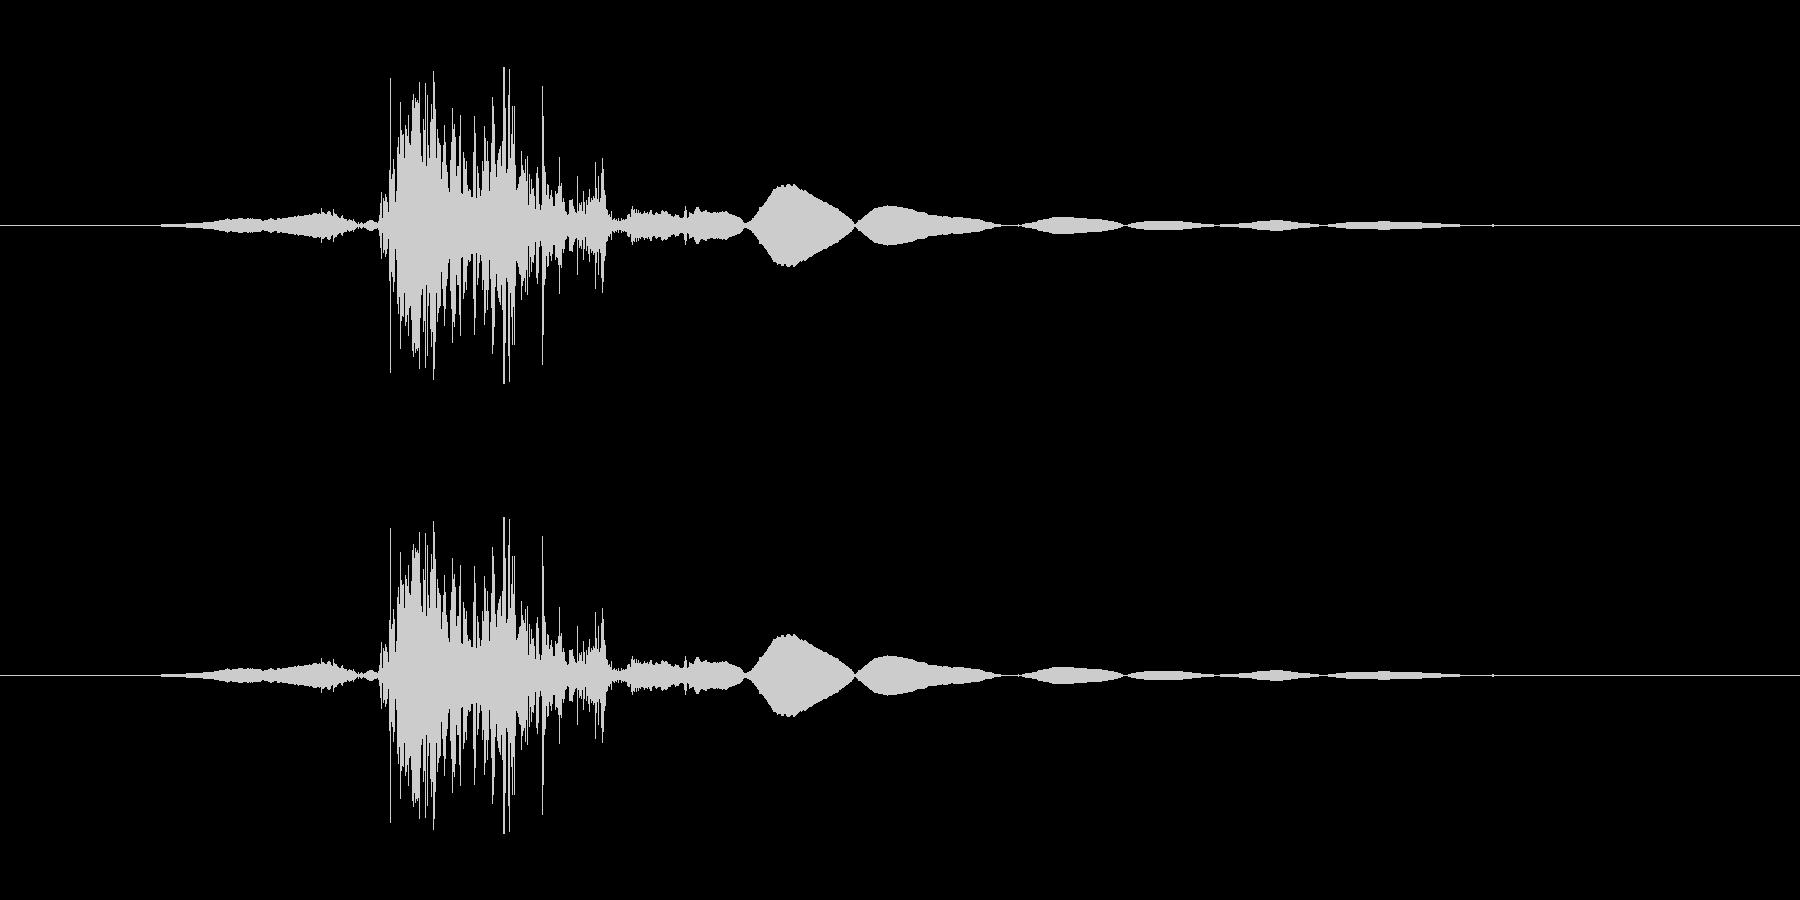 ドサッ(荷物を置いた音)の未再生の波形